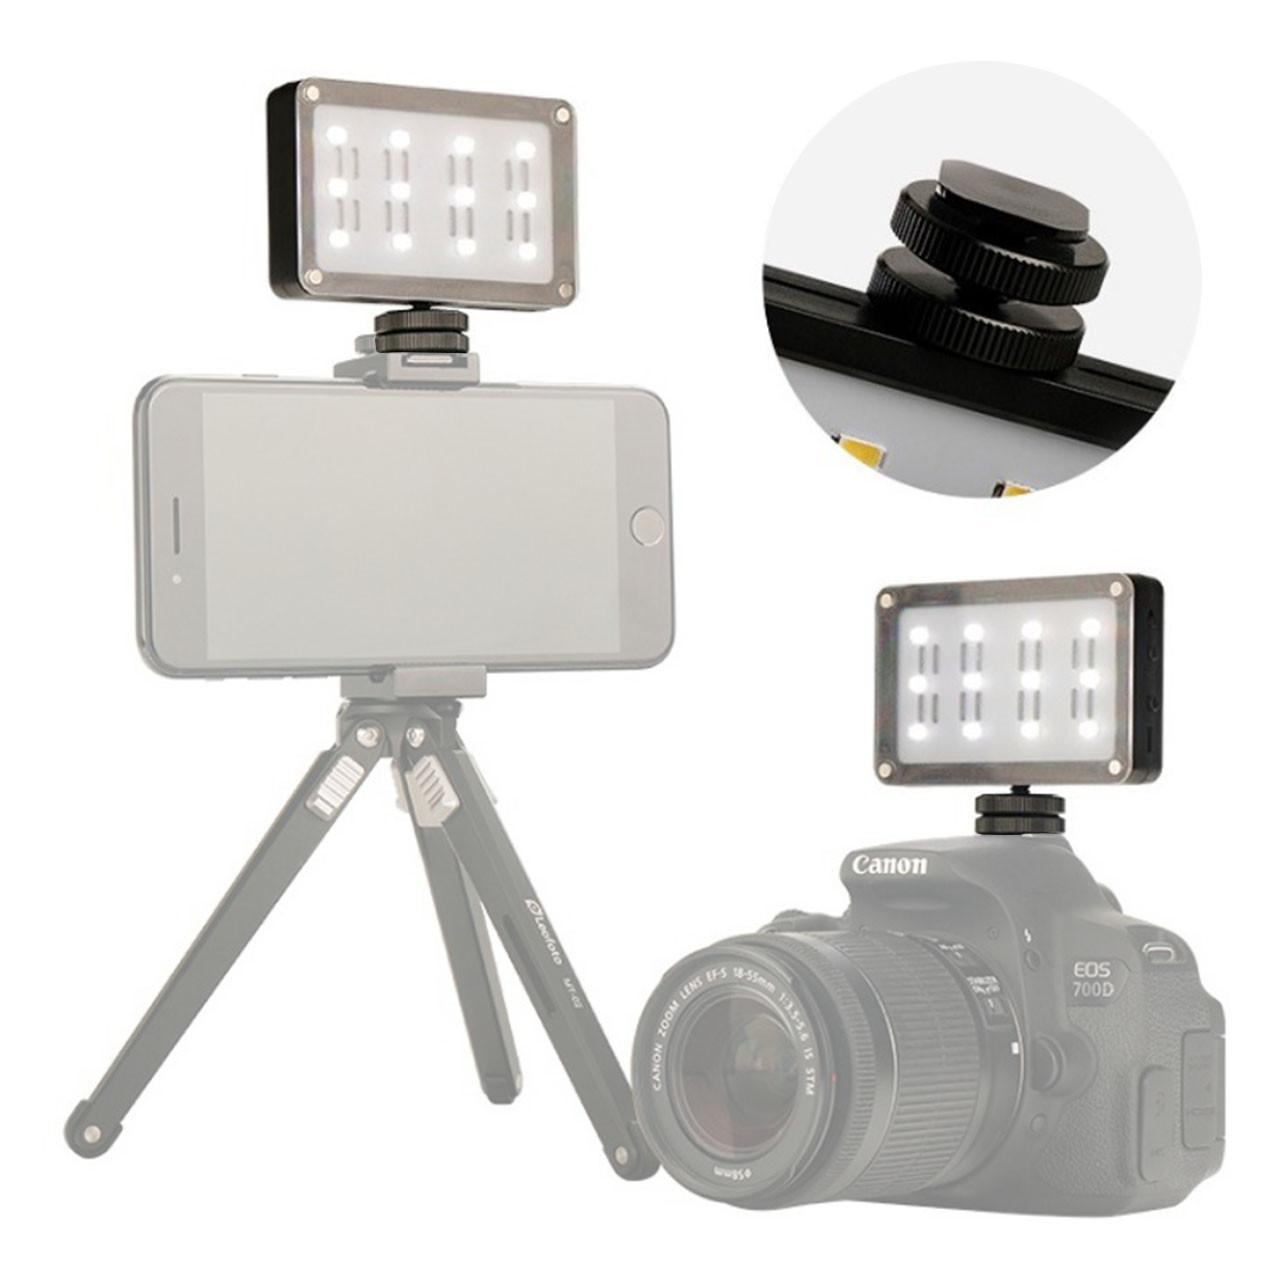 Накамерный свет Ulanzi Cardlite с 12 светодиодами и двумя светофильтрами для смартфонов экшн камер 1/4 дюйма